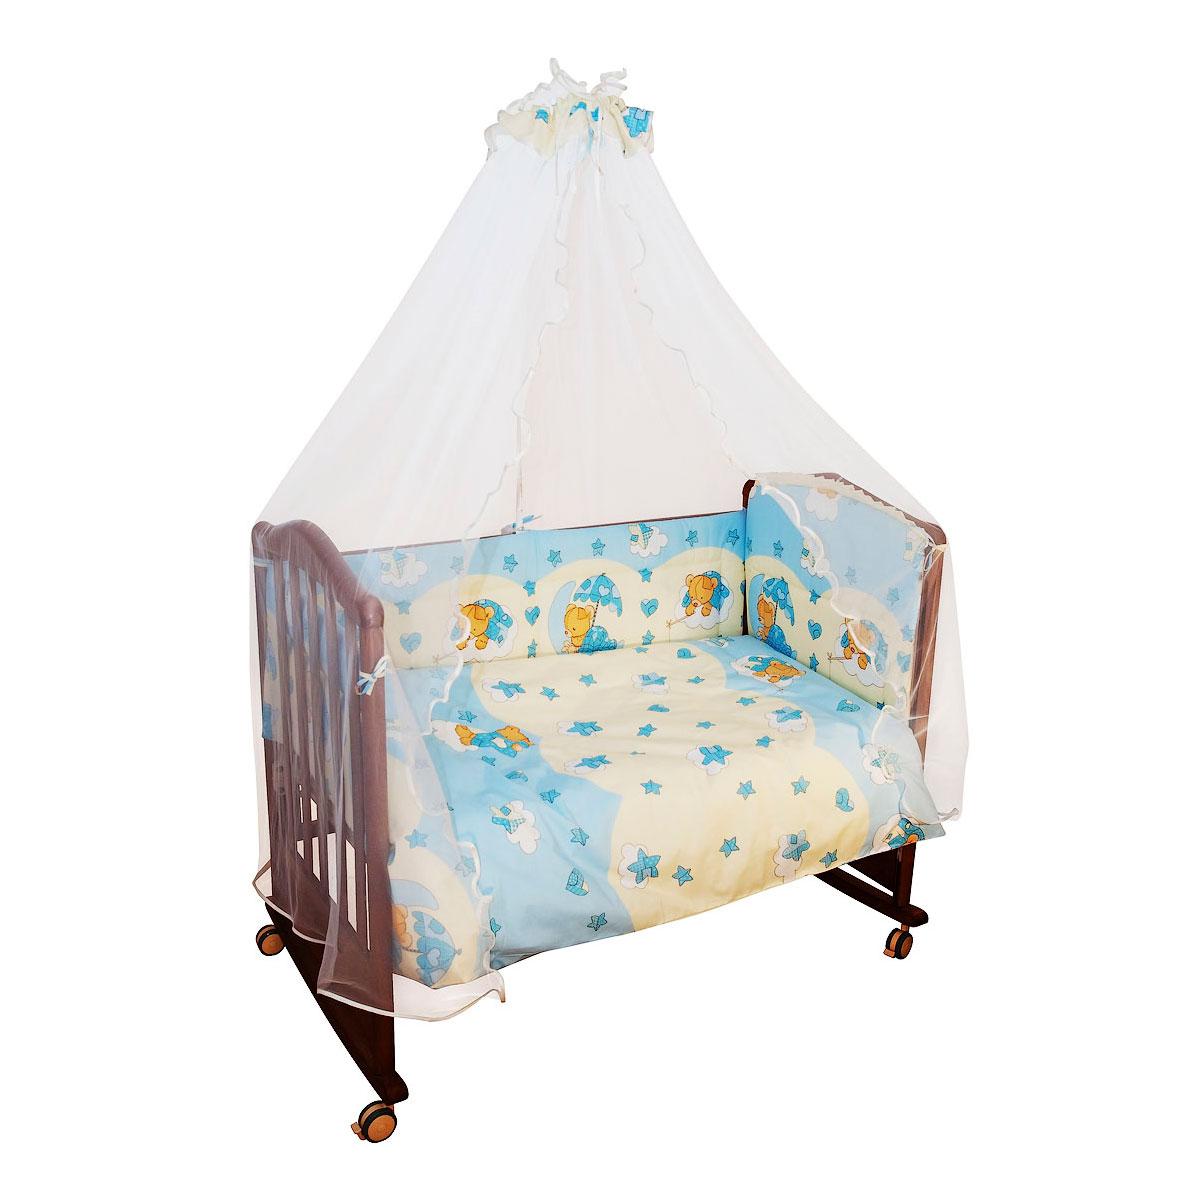 Комплект в кроватку Сонный гномик Мишкин сон 4 предмета Голубой<br>